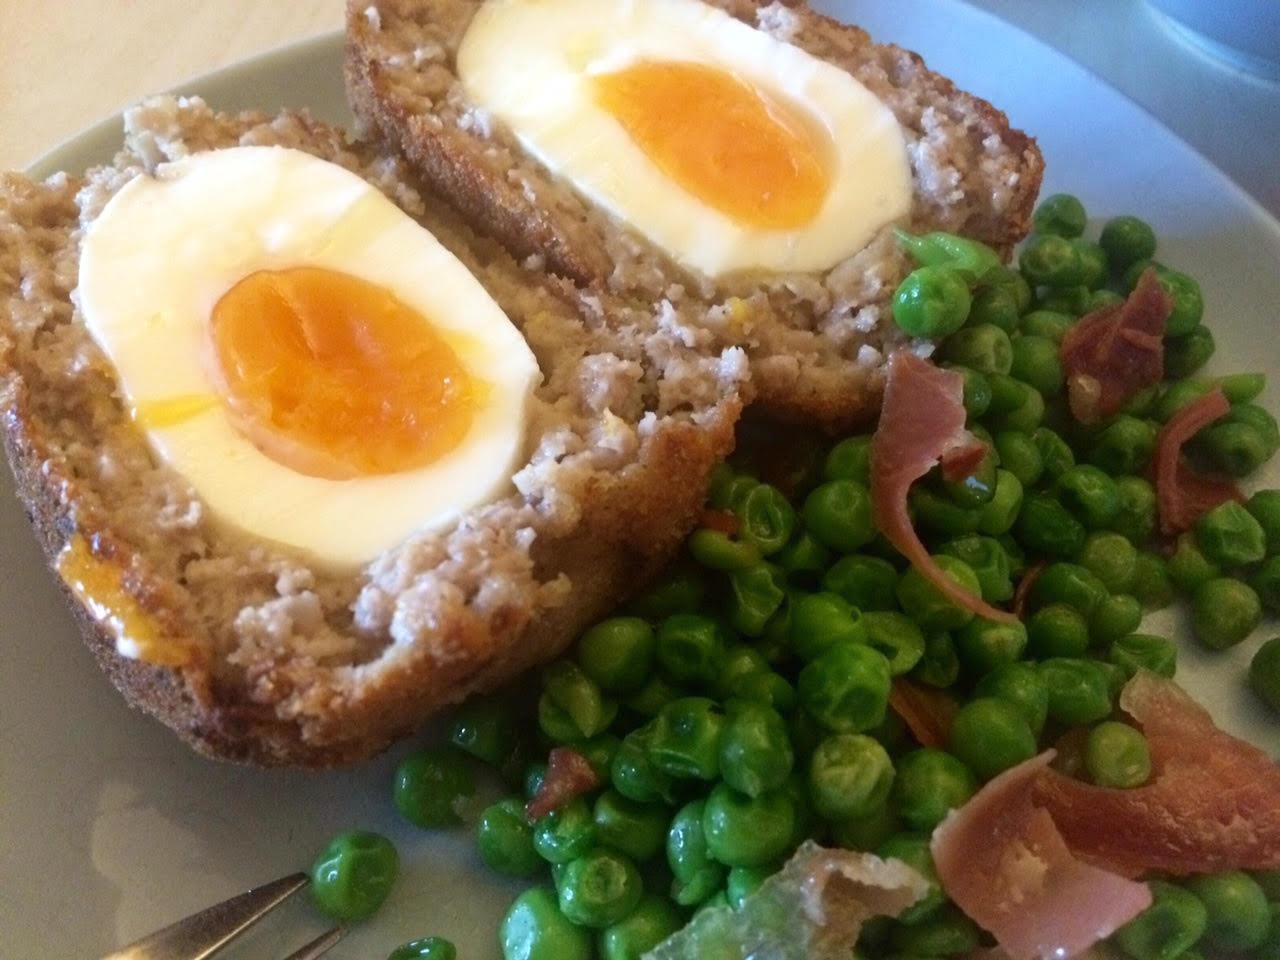 Receta de bolitas de carne con sorpresa de huevo